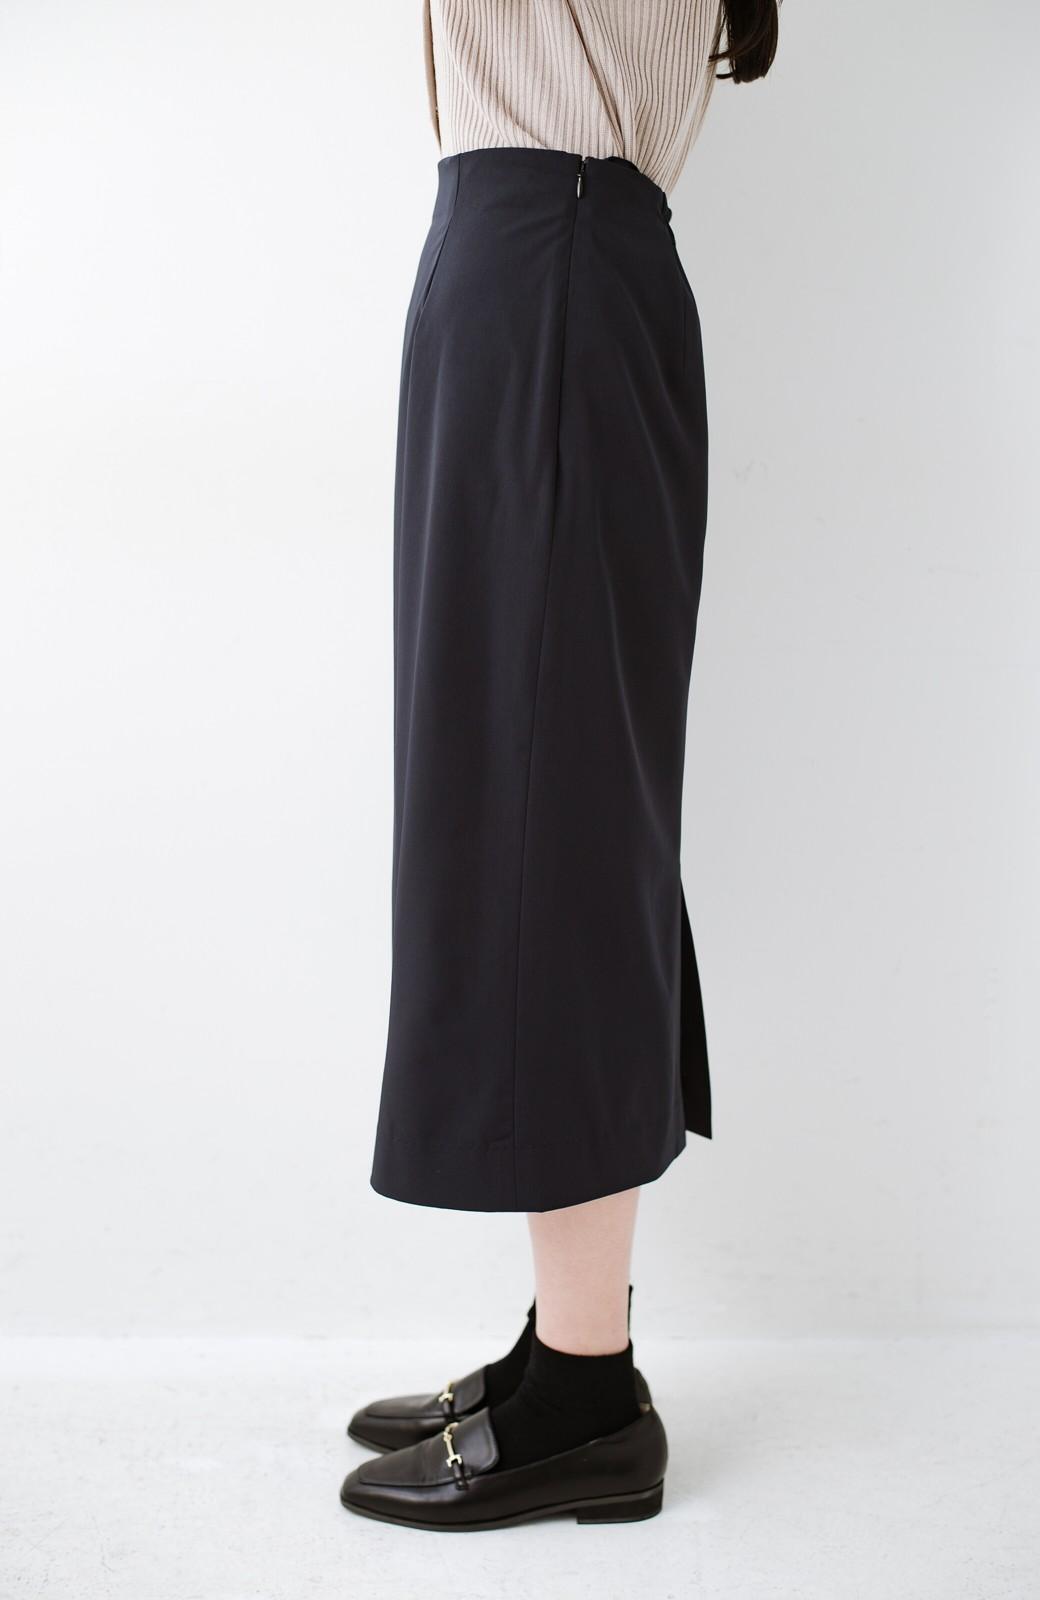 haco! 真面目すぎずにきちんと見えする サスペンダー付きタイトスカート by que made me <ネイビー>の商品写真9